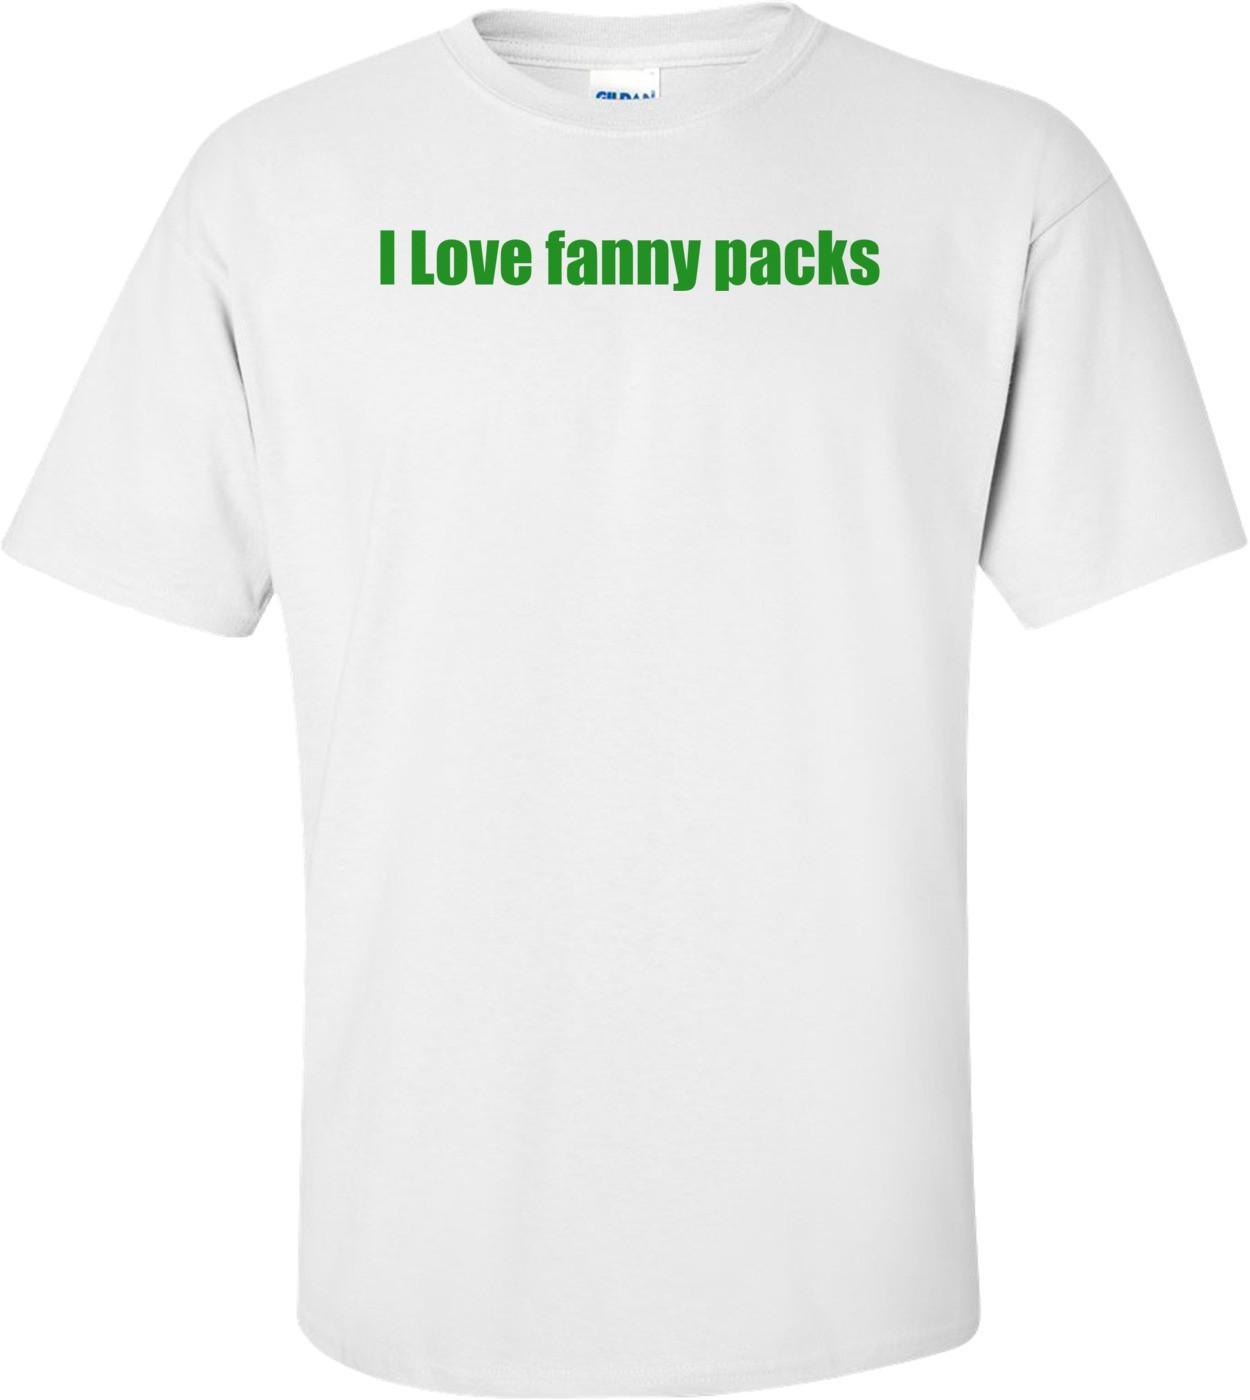 I Love Fanny Packs T-Shirt